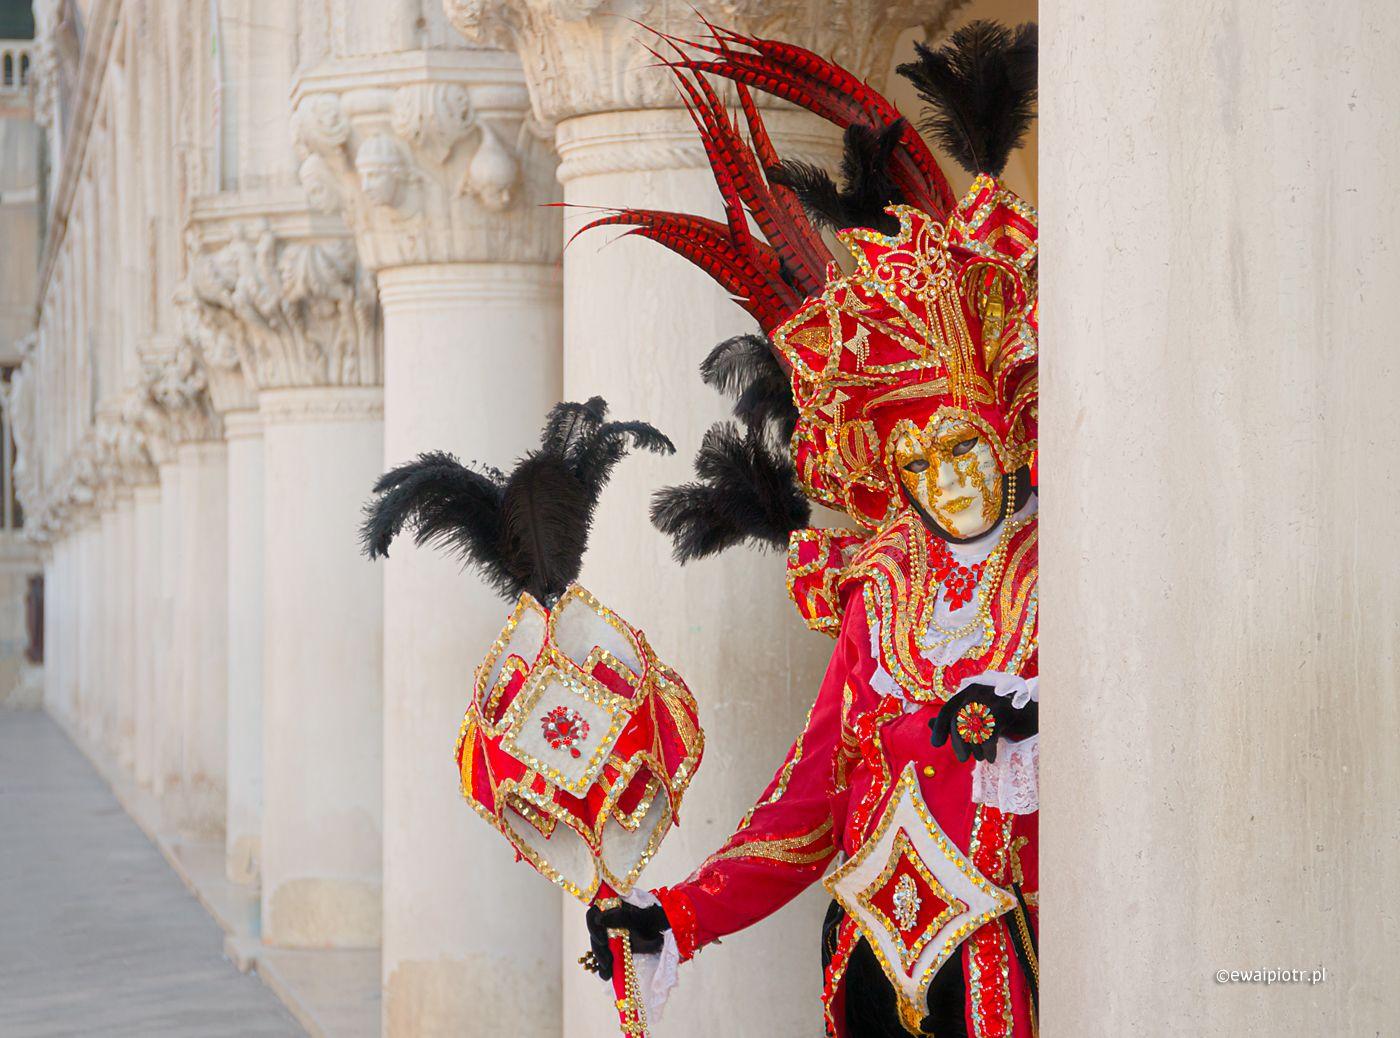 Wenecjanin i kolumny, kreatywność, edycja zdjęć